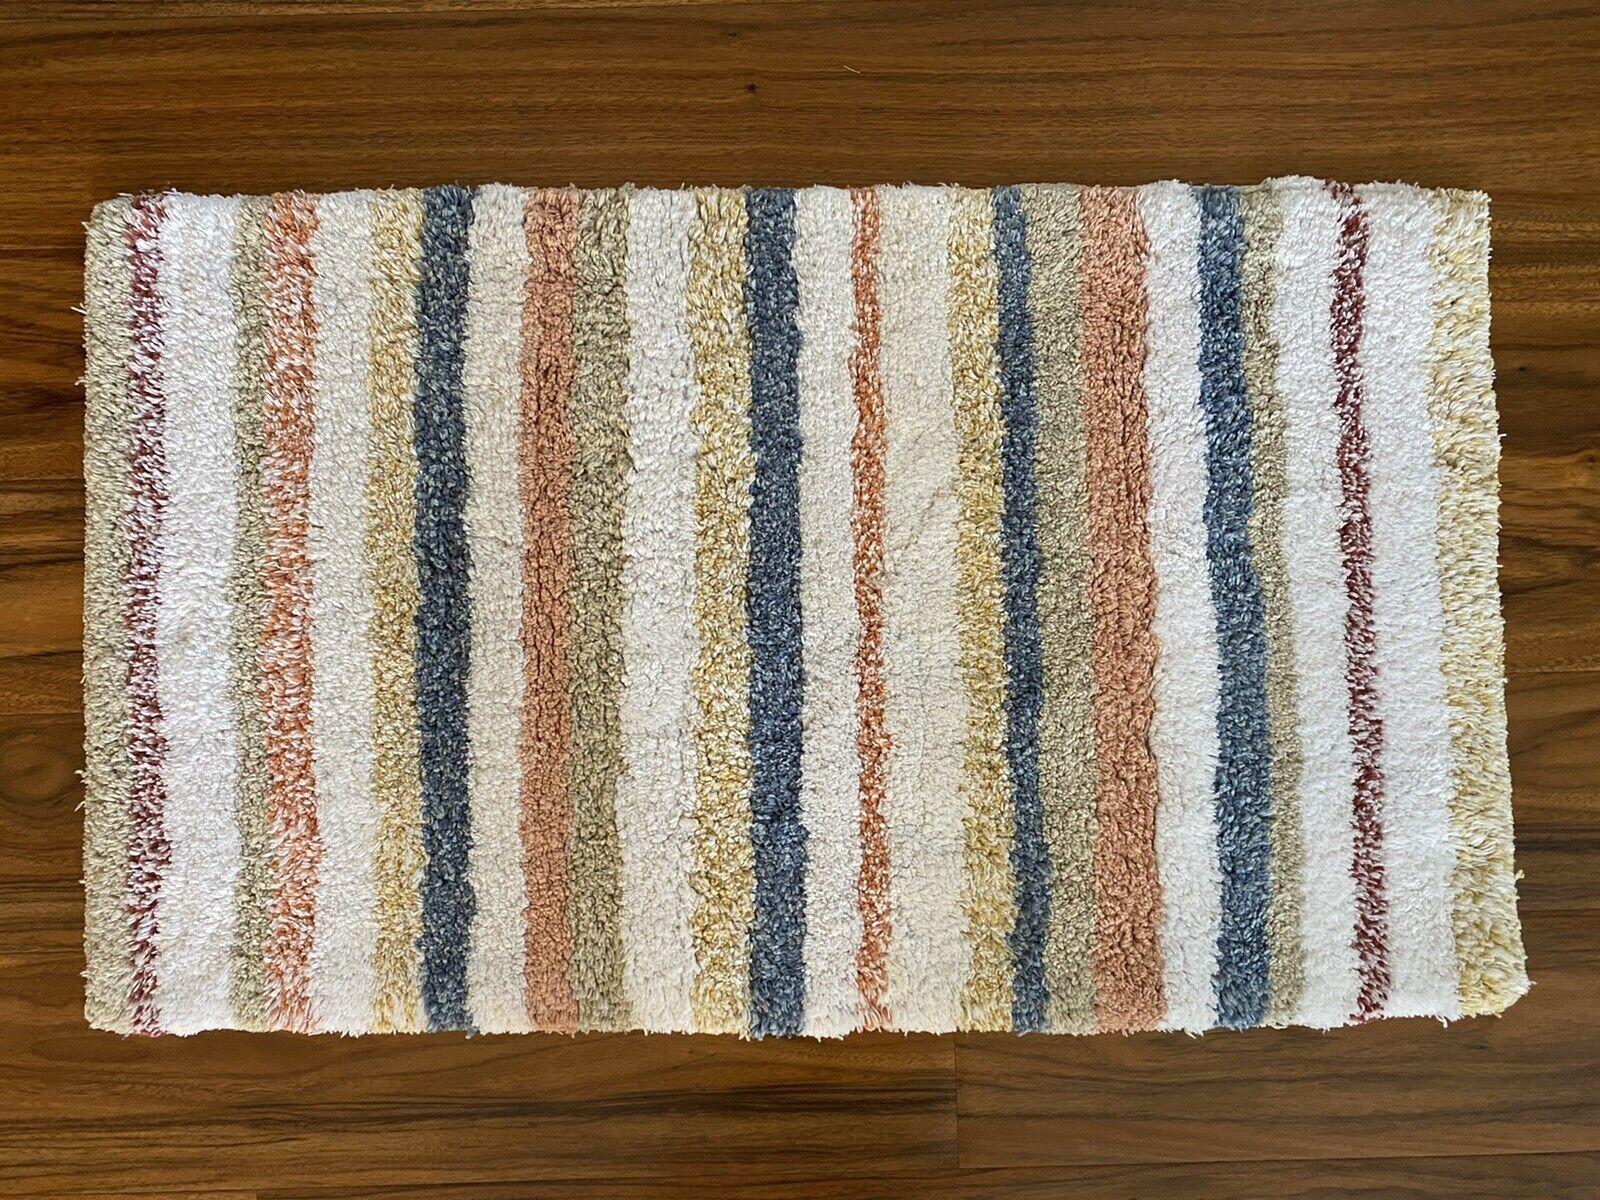 """Broyhill Farmstead Terrace Cotton Multi-Striped Bath Rug 18""""W x 30""""L"""